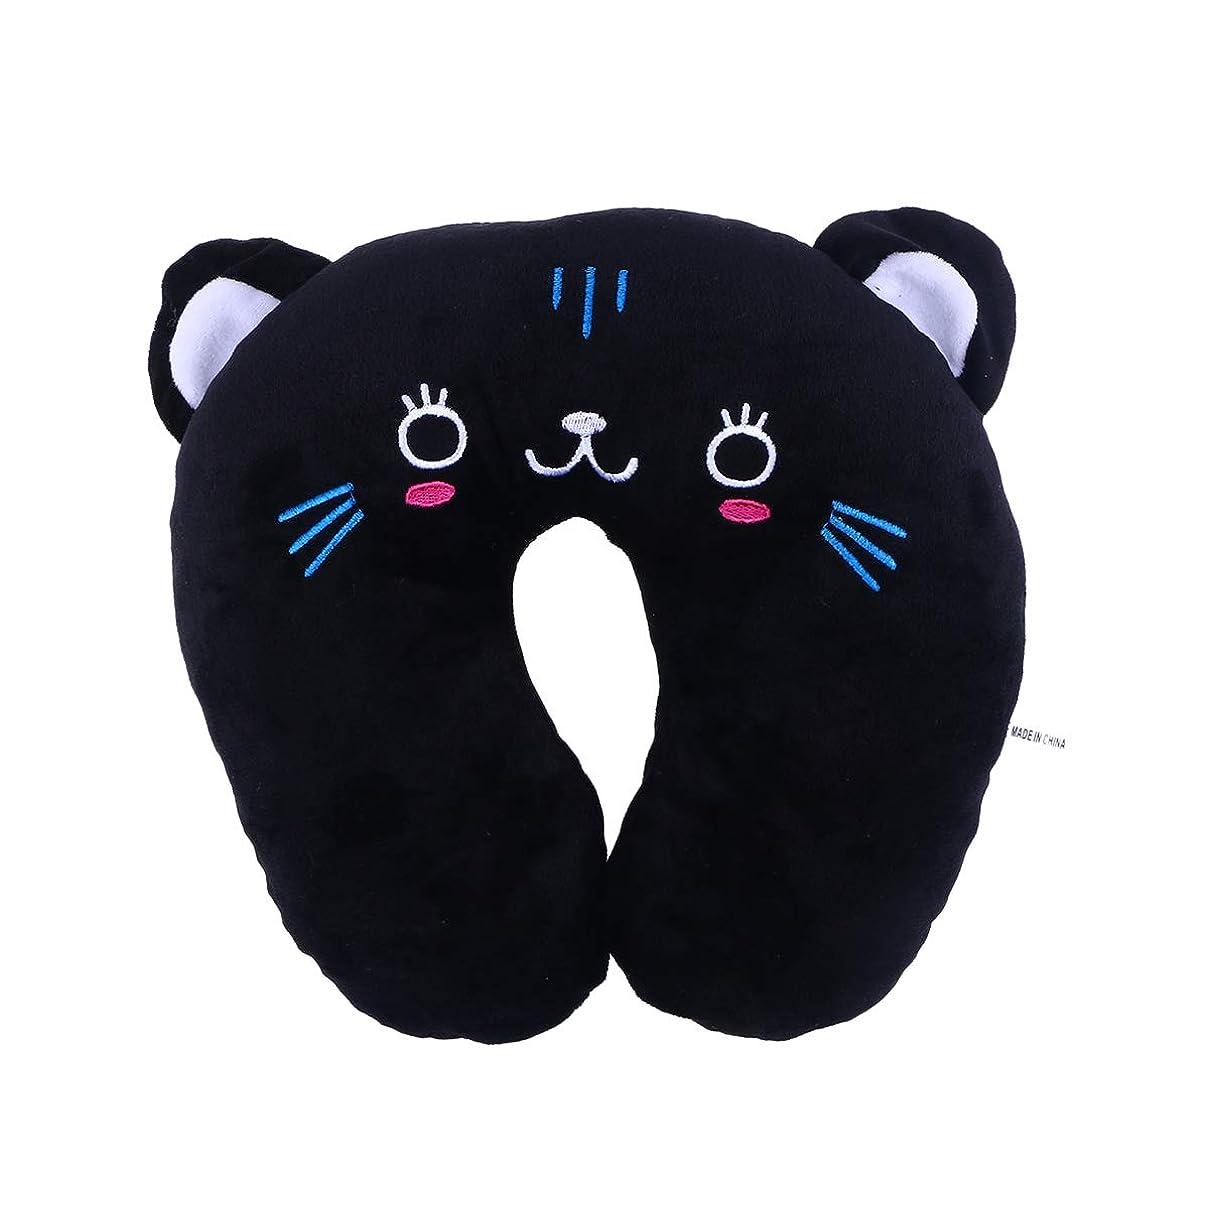 自発的野望数学者HEALIFTY 首牽引枕漫画ぬいぐるみU字型枕首サポートクッション旅行枕飛行機のための車(黒猫)